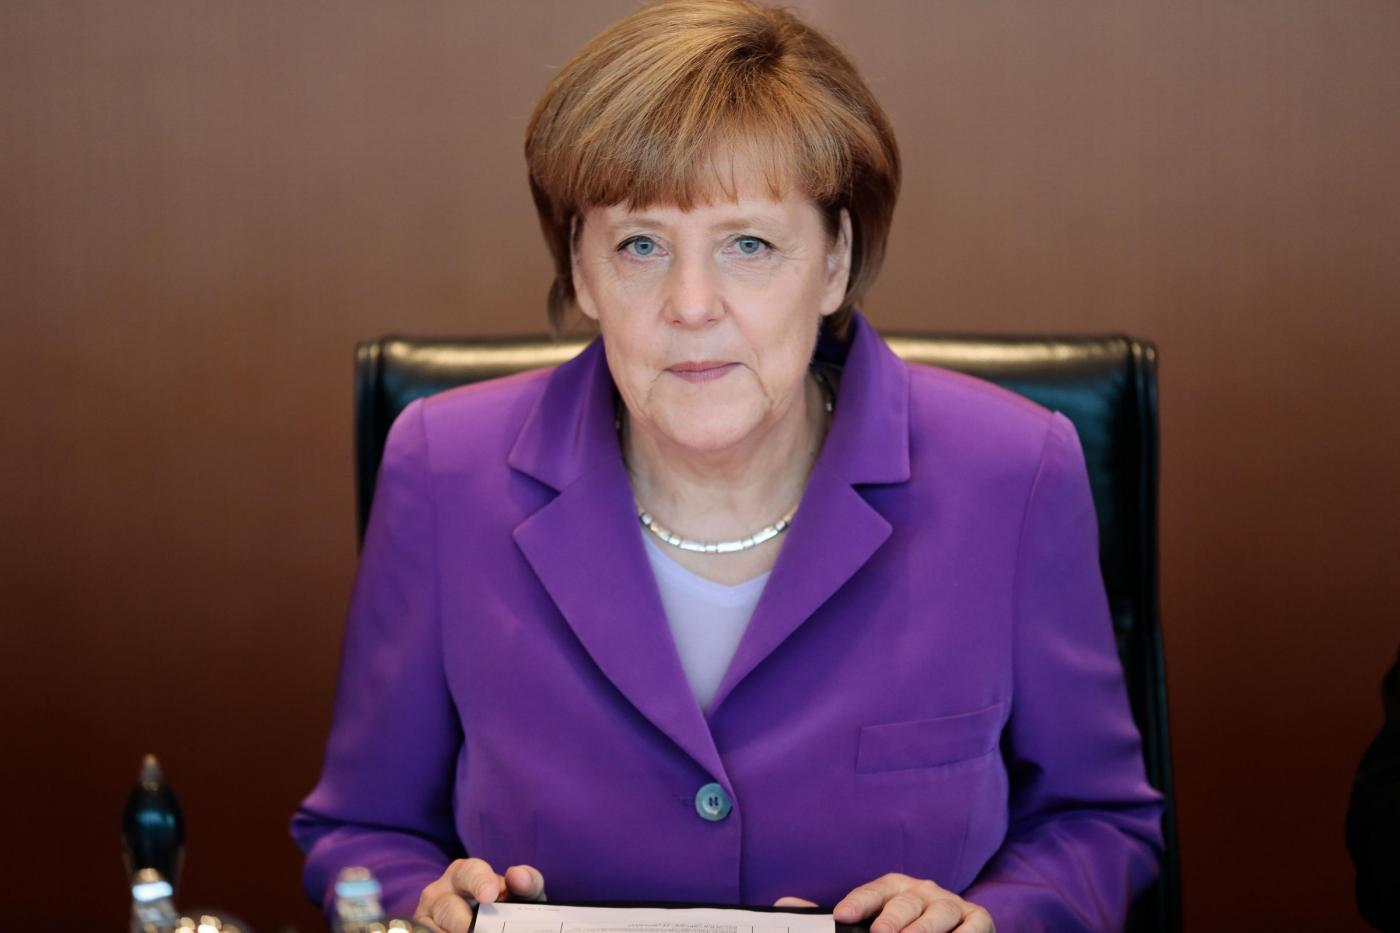 Le 100 donne più potenti del mondo del 2014, nella classifica Forbes trionfa Angela Merkel